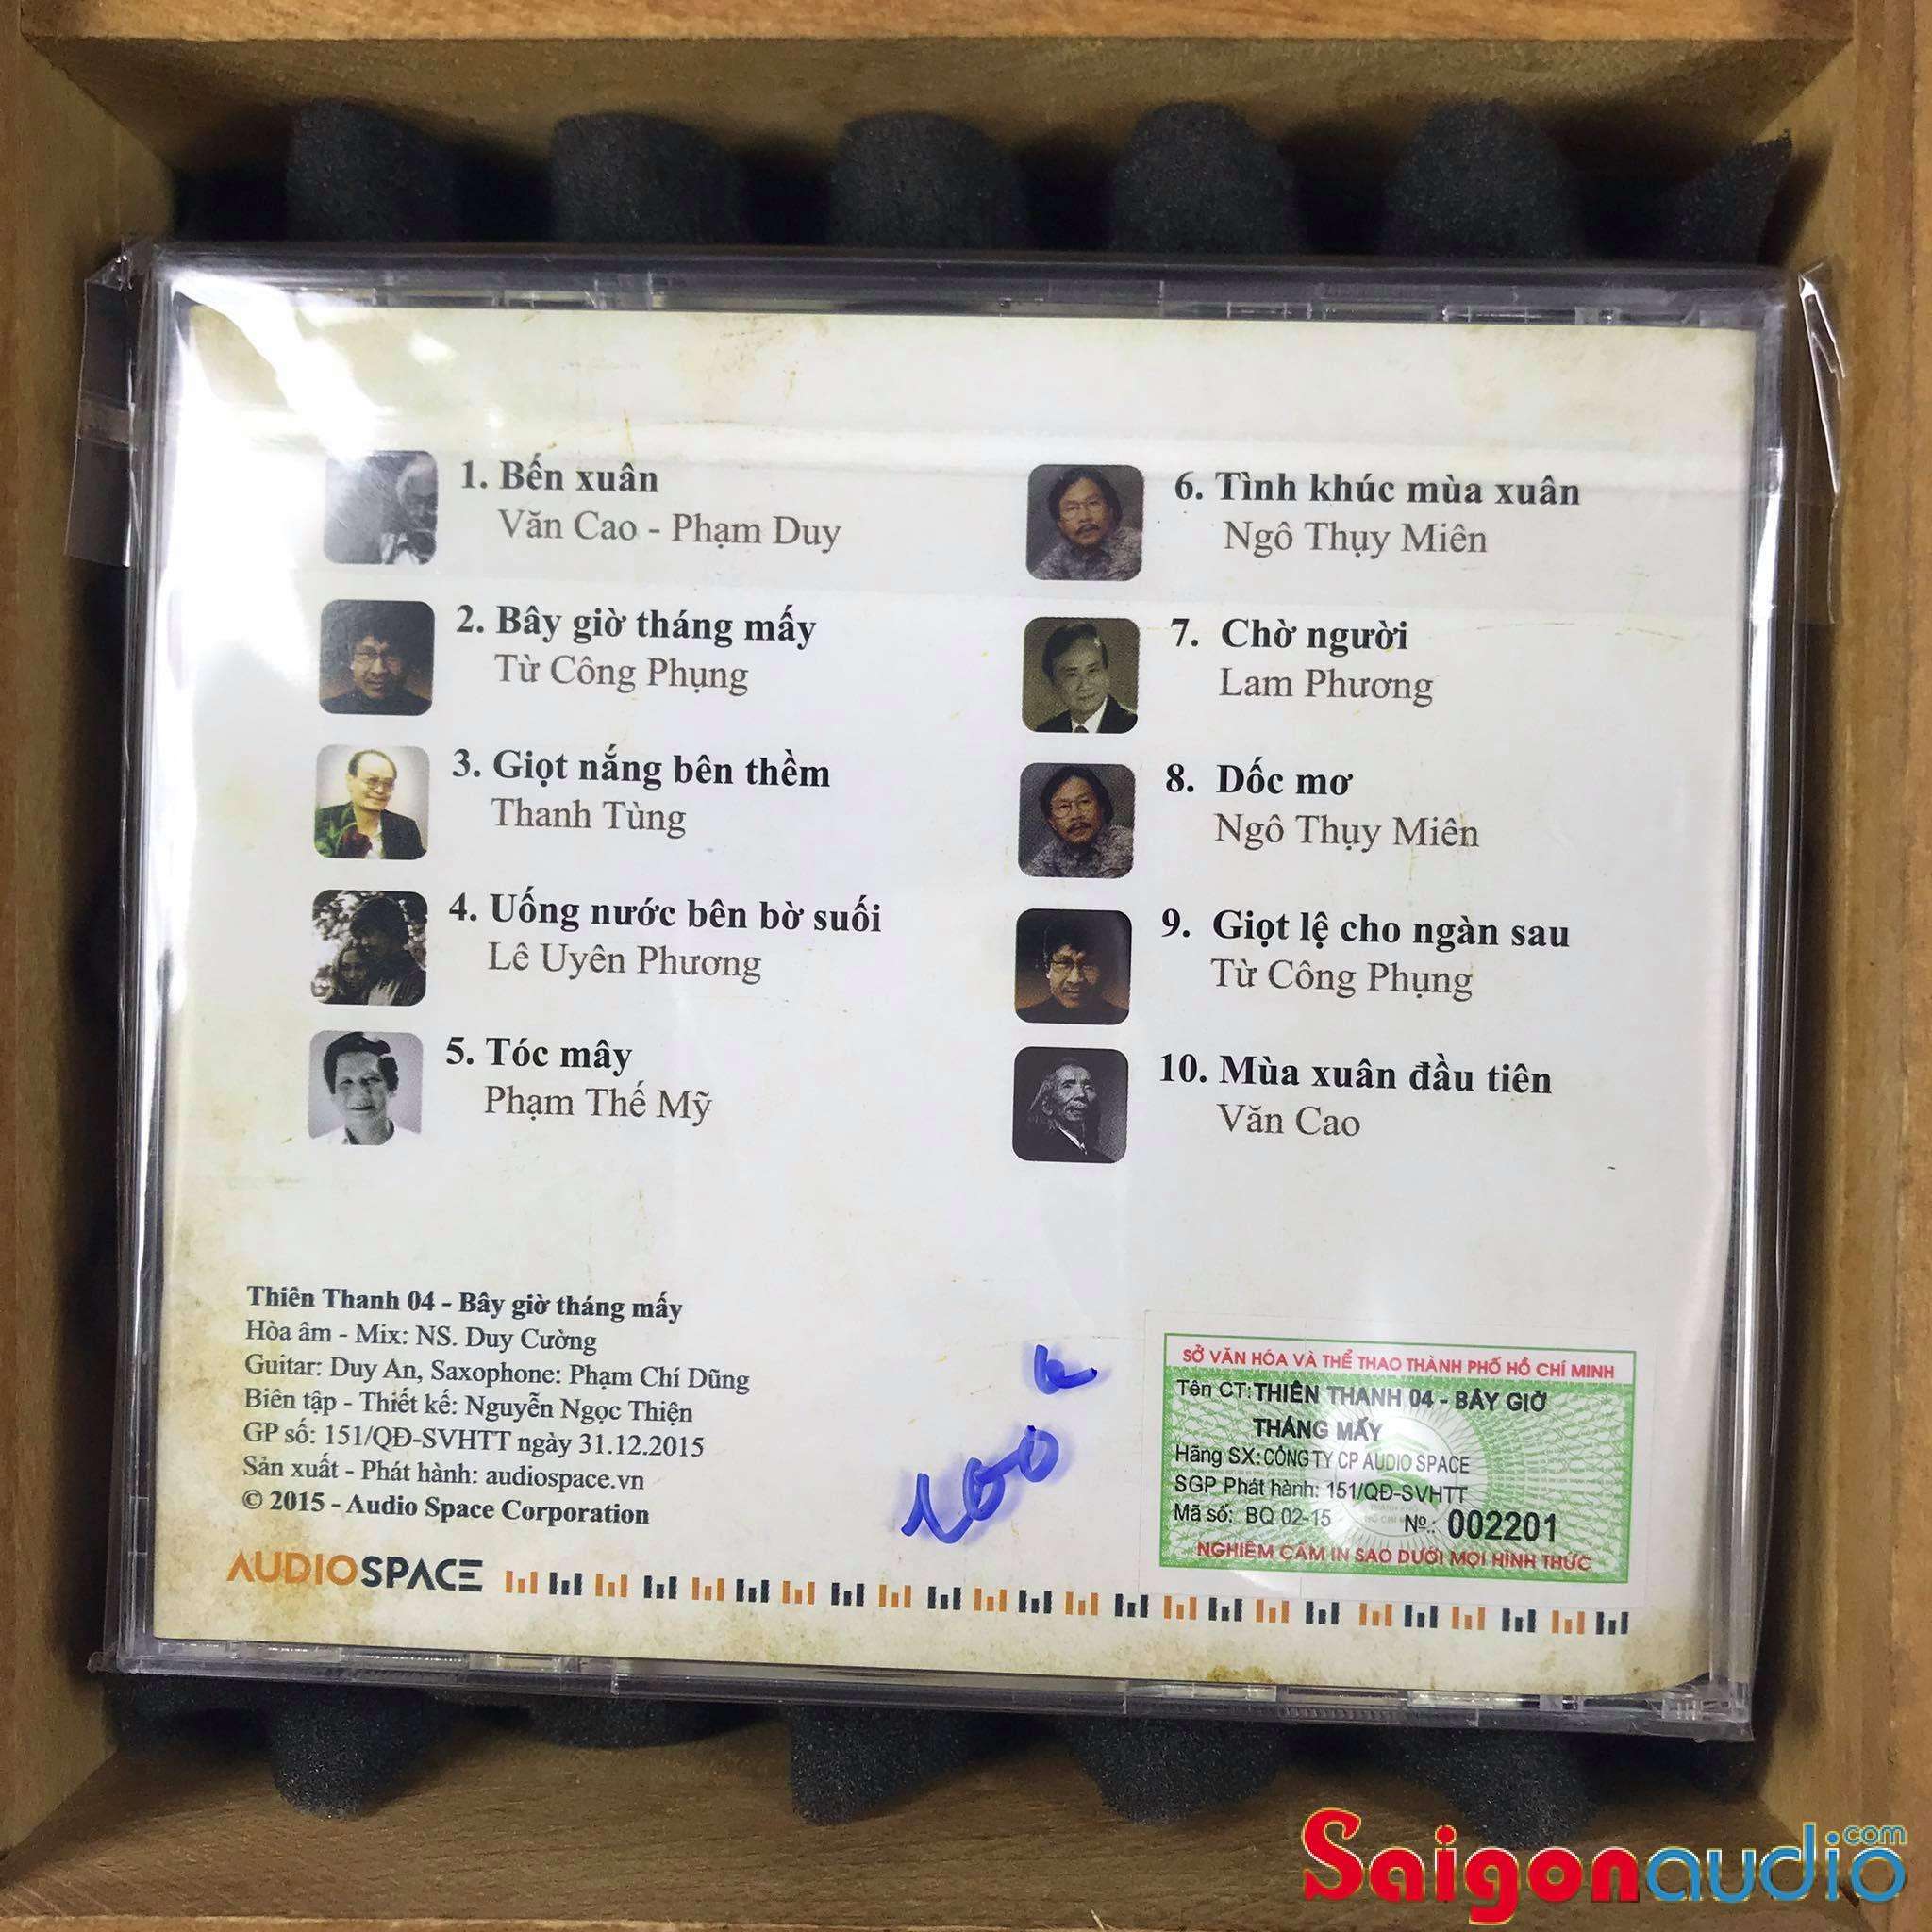 Đĩa CD nhạc gốc Hoà Âm Duy Cường - Bây Giờ Tháng Mấy (Free ship khi mua 2 đĩa CD cùng hoặc khác loại)